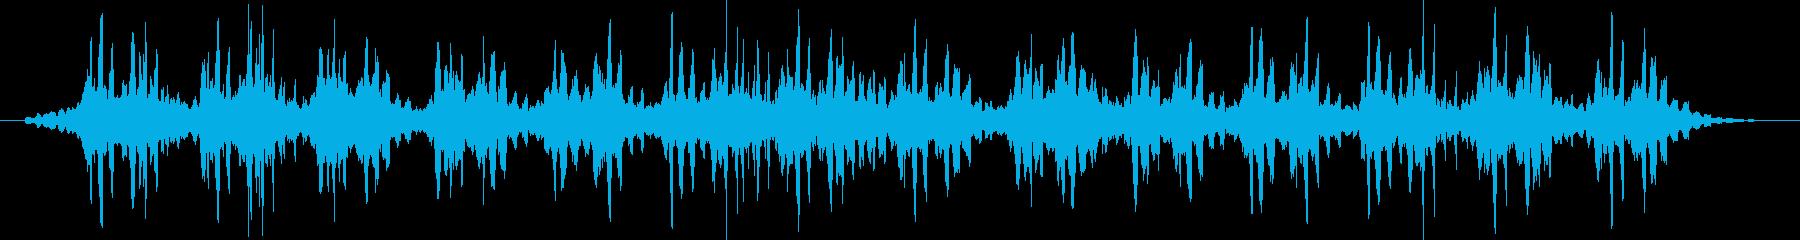 漂う雰囲気のアンビエント系BGMの再生済みの波形